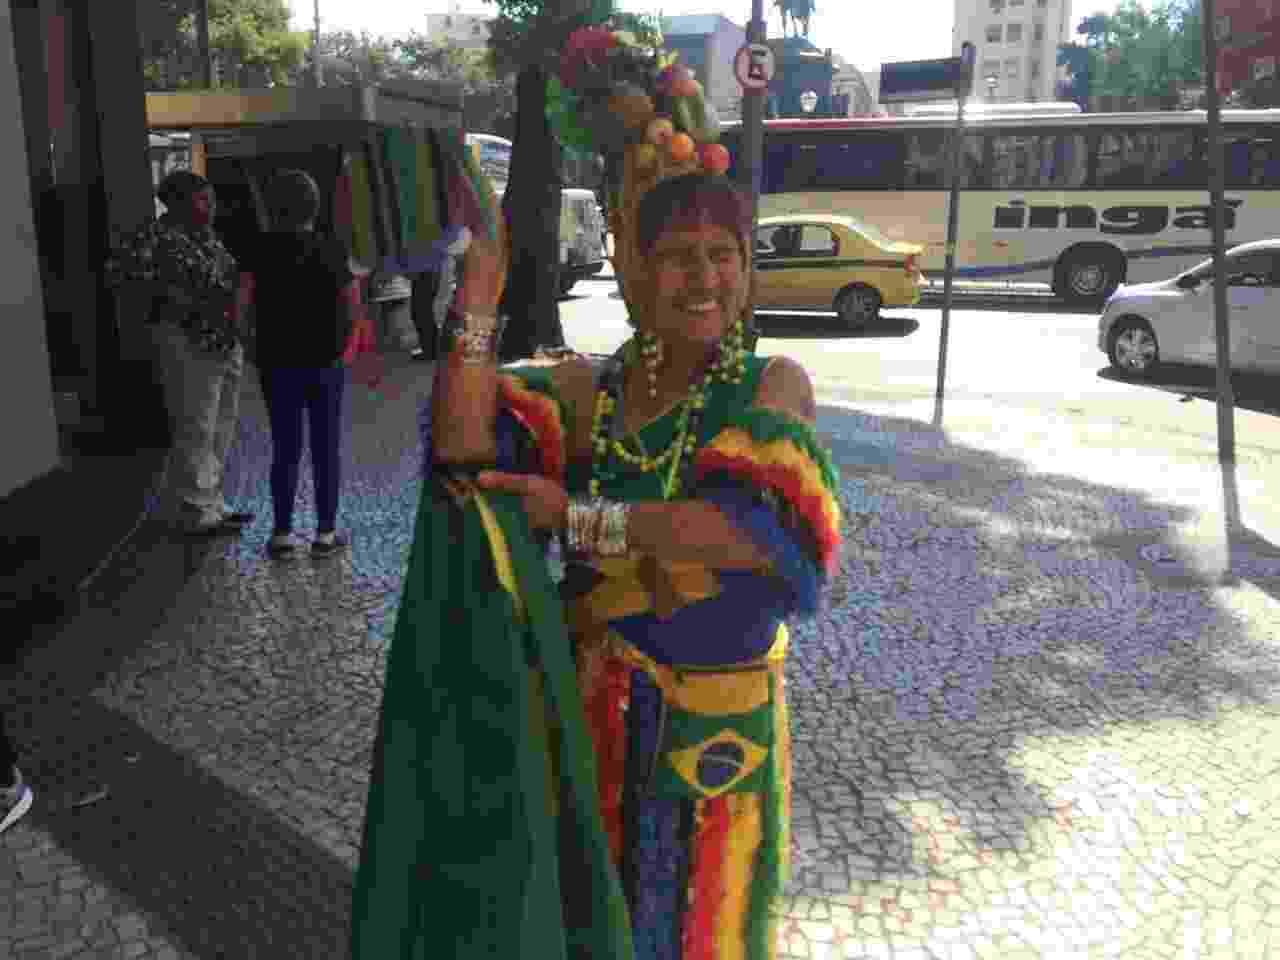 """17.ago.2016 - """"Chorei muito. Só me lembro do programa do Chacrinha. Ela me colocou lá em cima. Estou com 74 anos e isso me gravou muito. Sou a vovó do galo que anda com o galinho na coleira. Eu amo a vida como ela. Ela está viva lá em cima com o Chacrinha"""", disse a fã Maria de Lourdes Pereira da Silva - Ana Paula Bazolli"""